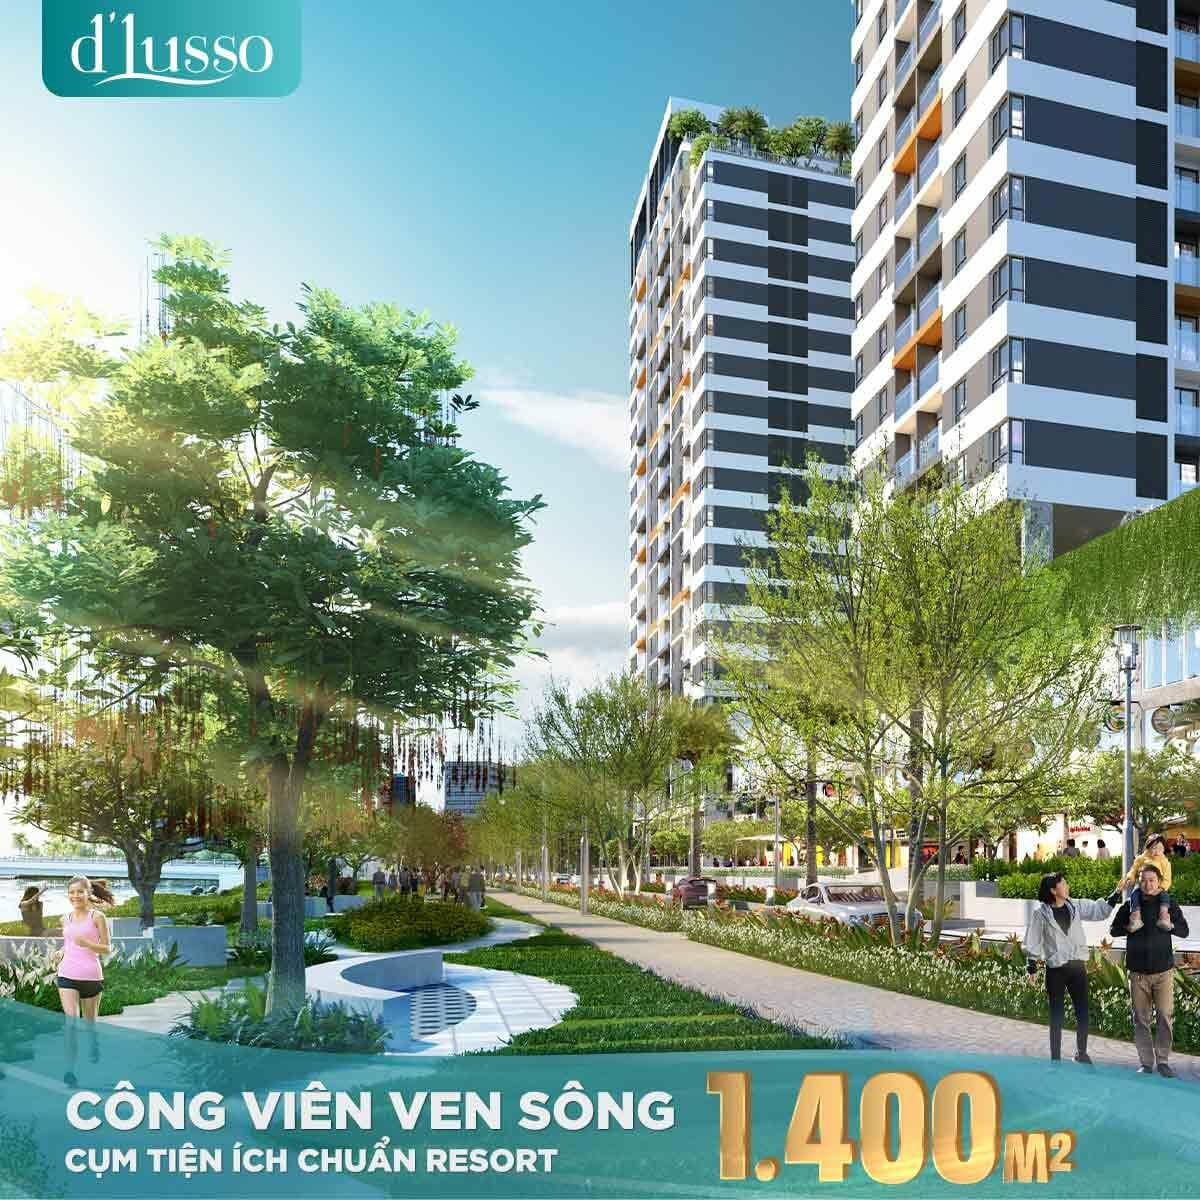 Dự án D'Lusso quận 2 với công vien ven sông rộng 1.400m2